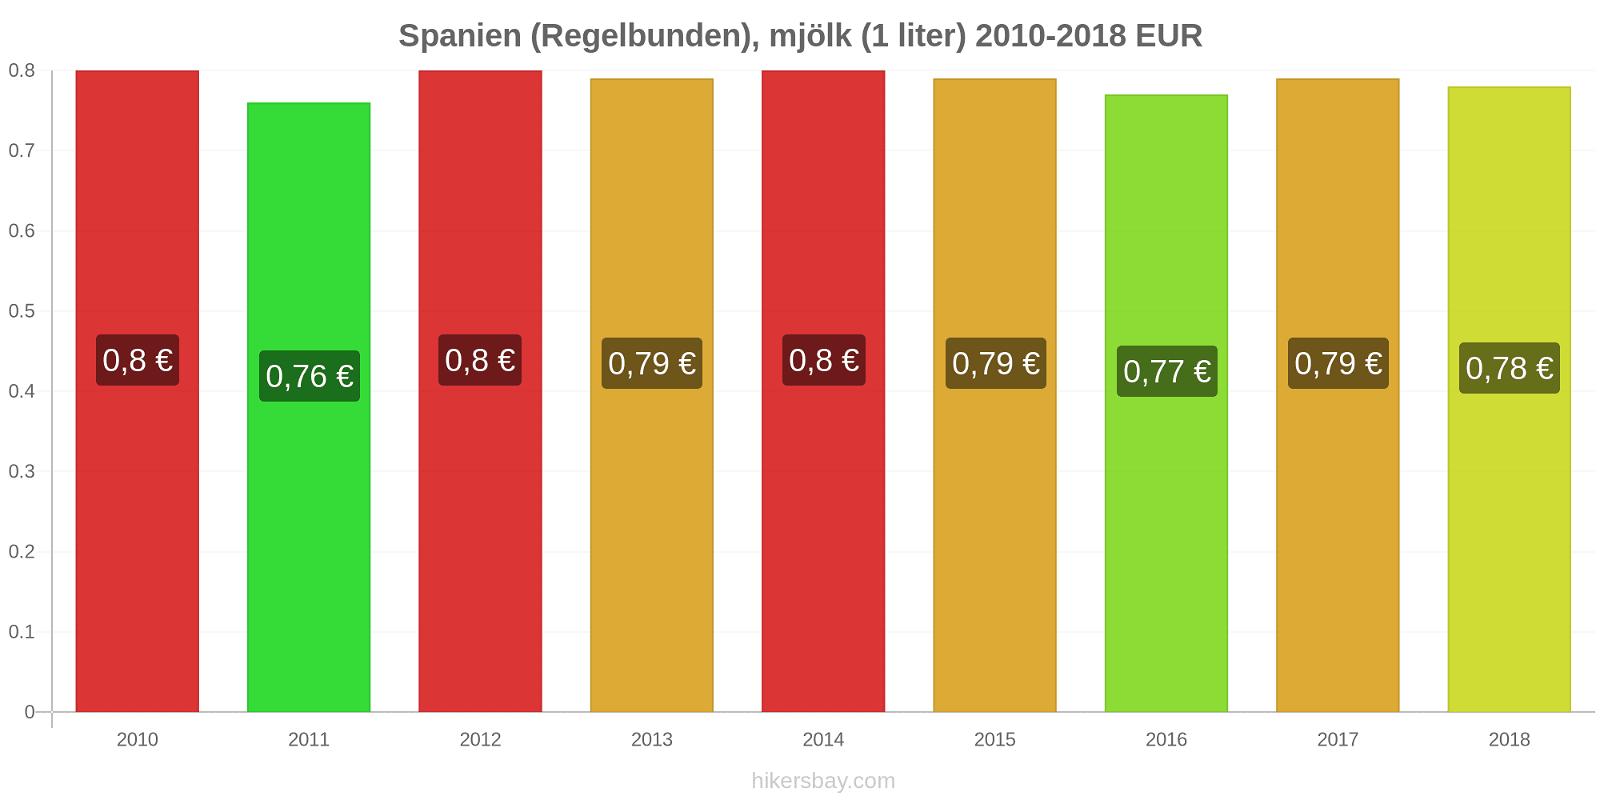 Spanien prisförändringar (Regelbunden), mjölk (1 liter) hikersbay.com